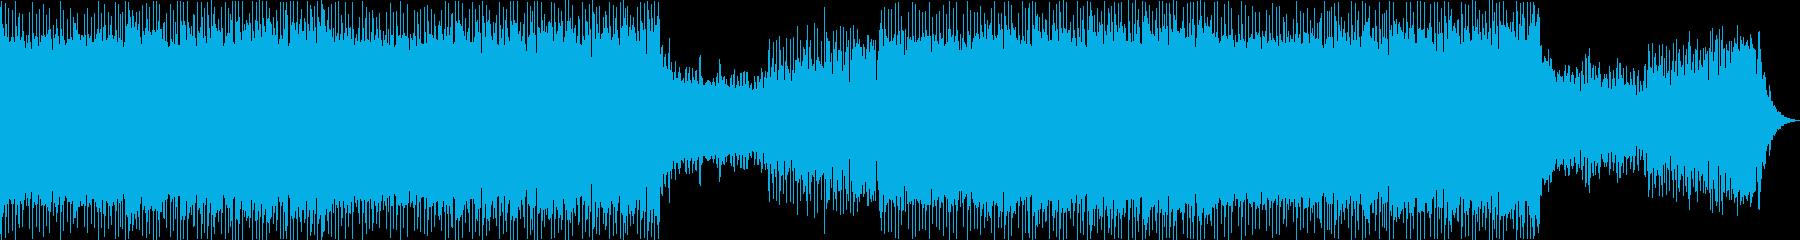 トランス・逃走・スピード感・レースの再生済みの波形